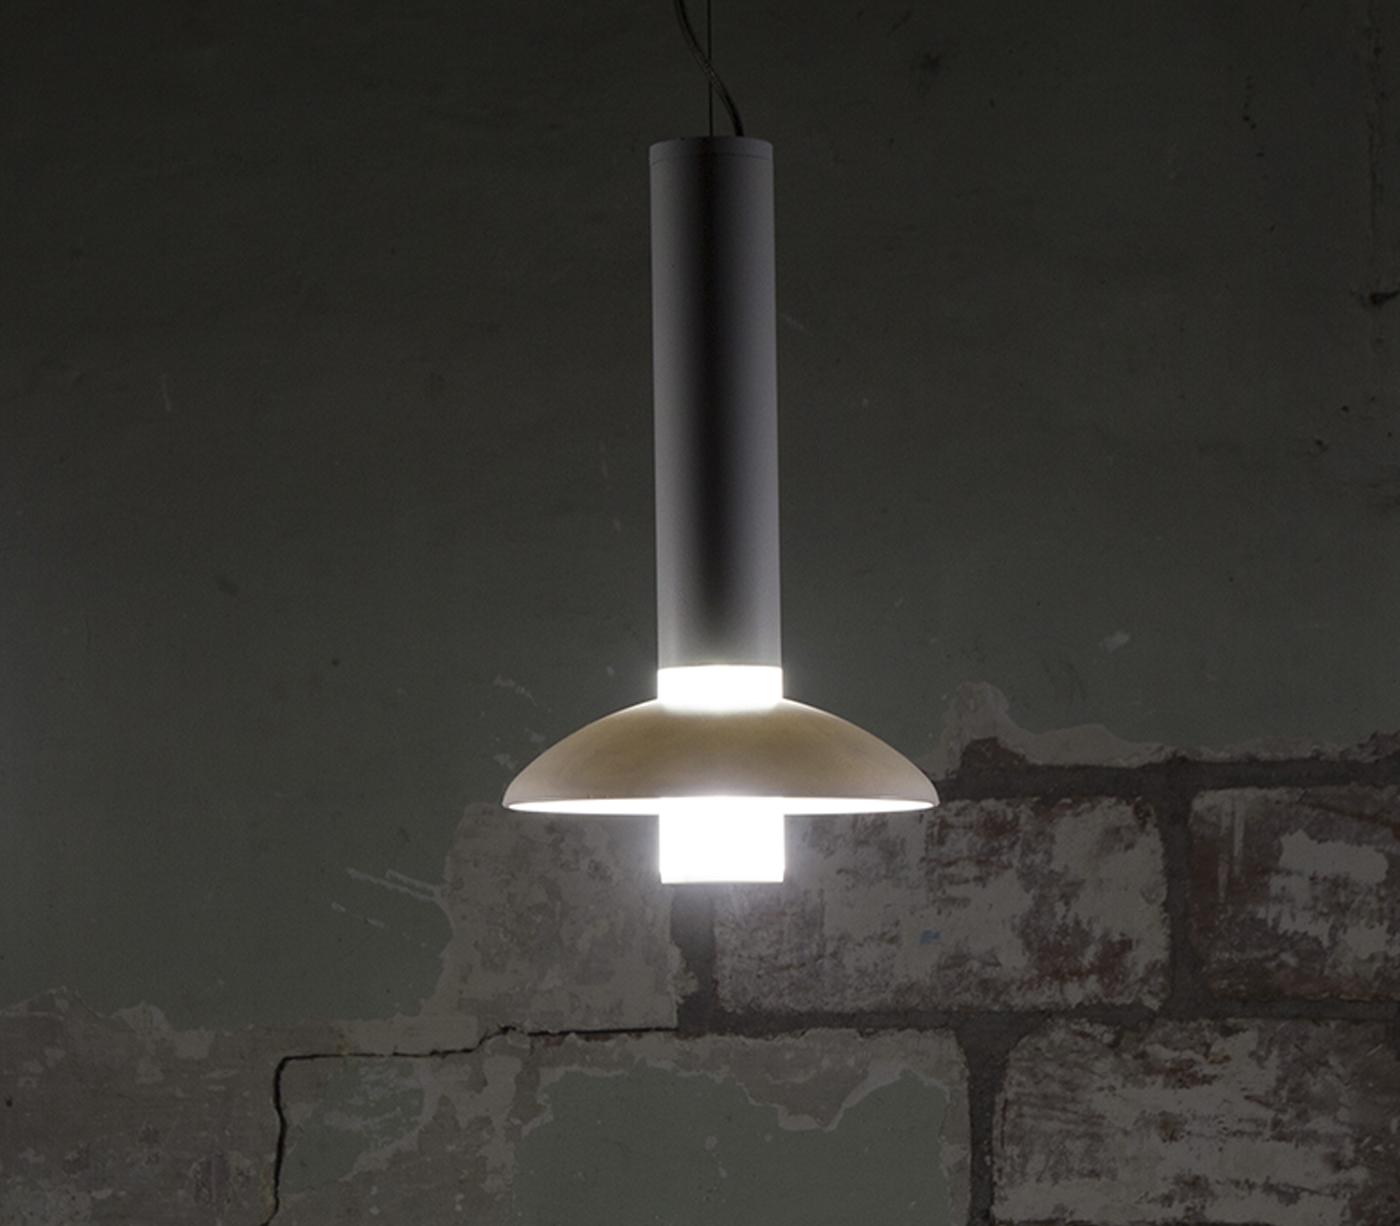 LEI lampadari di design